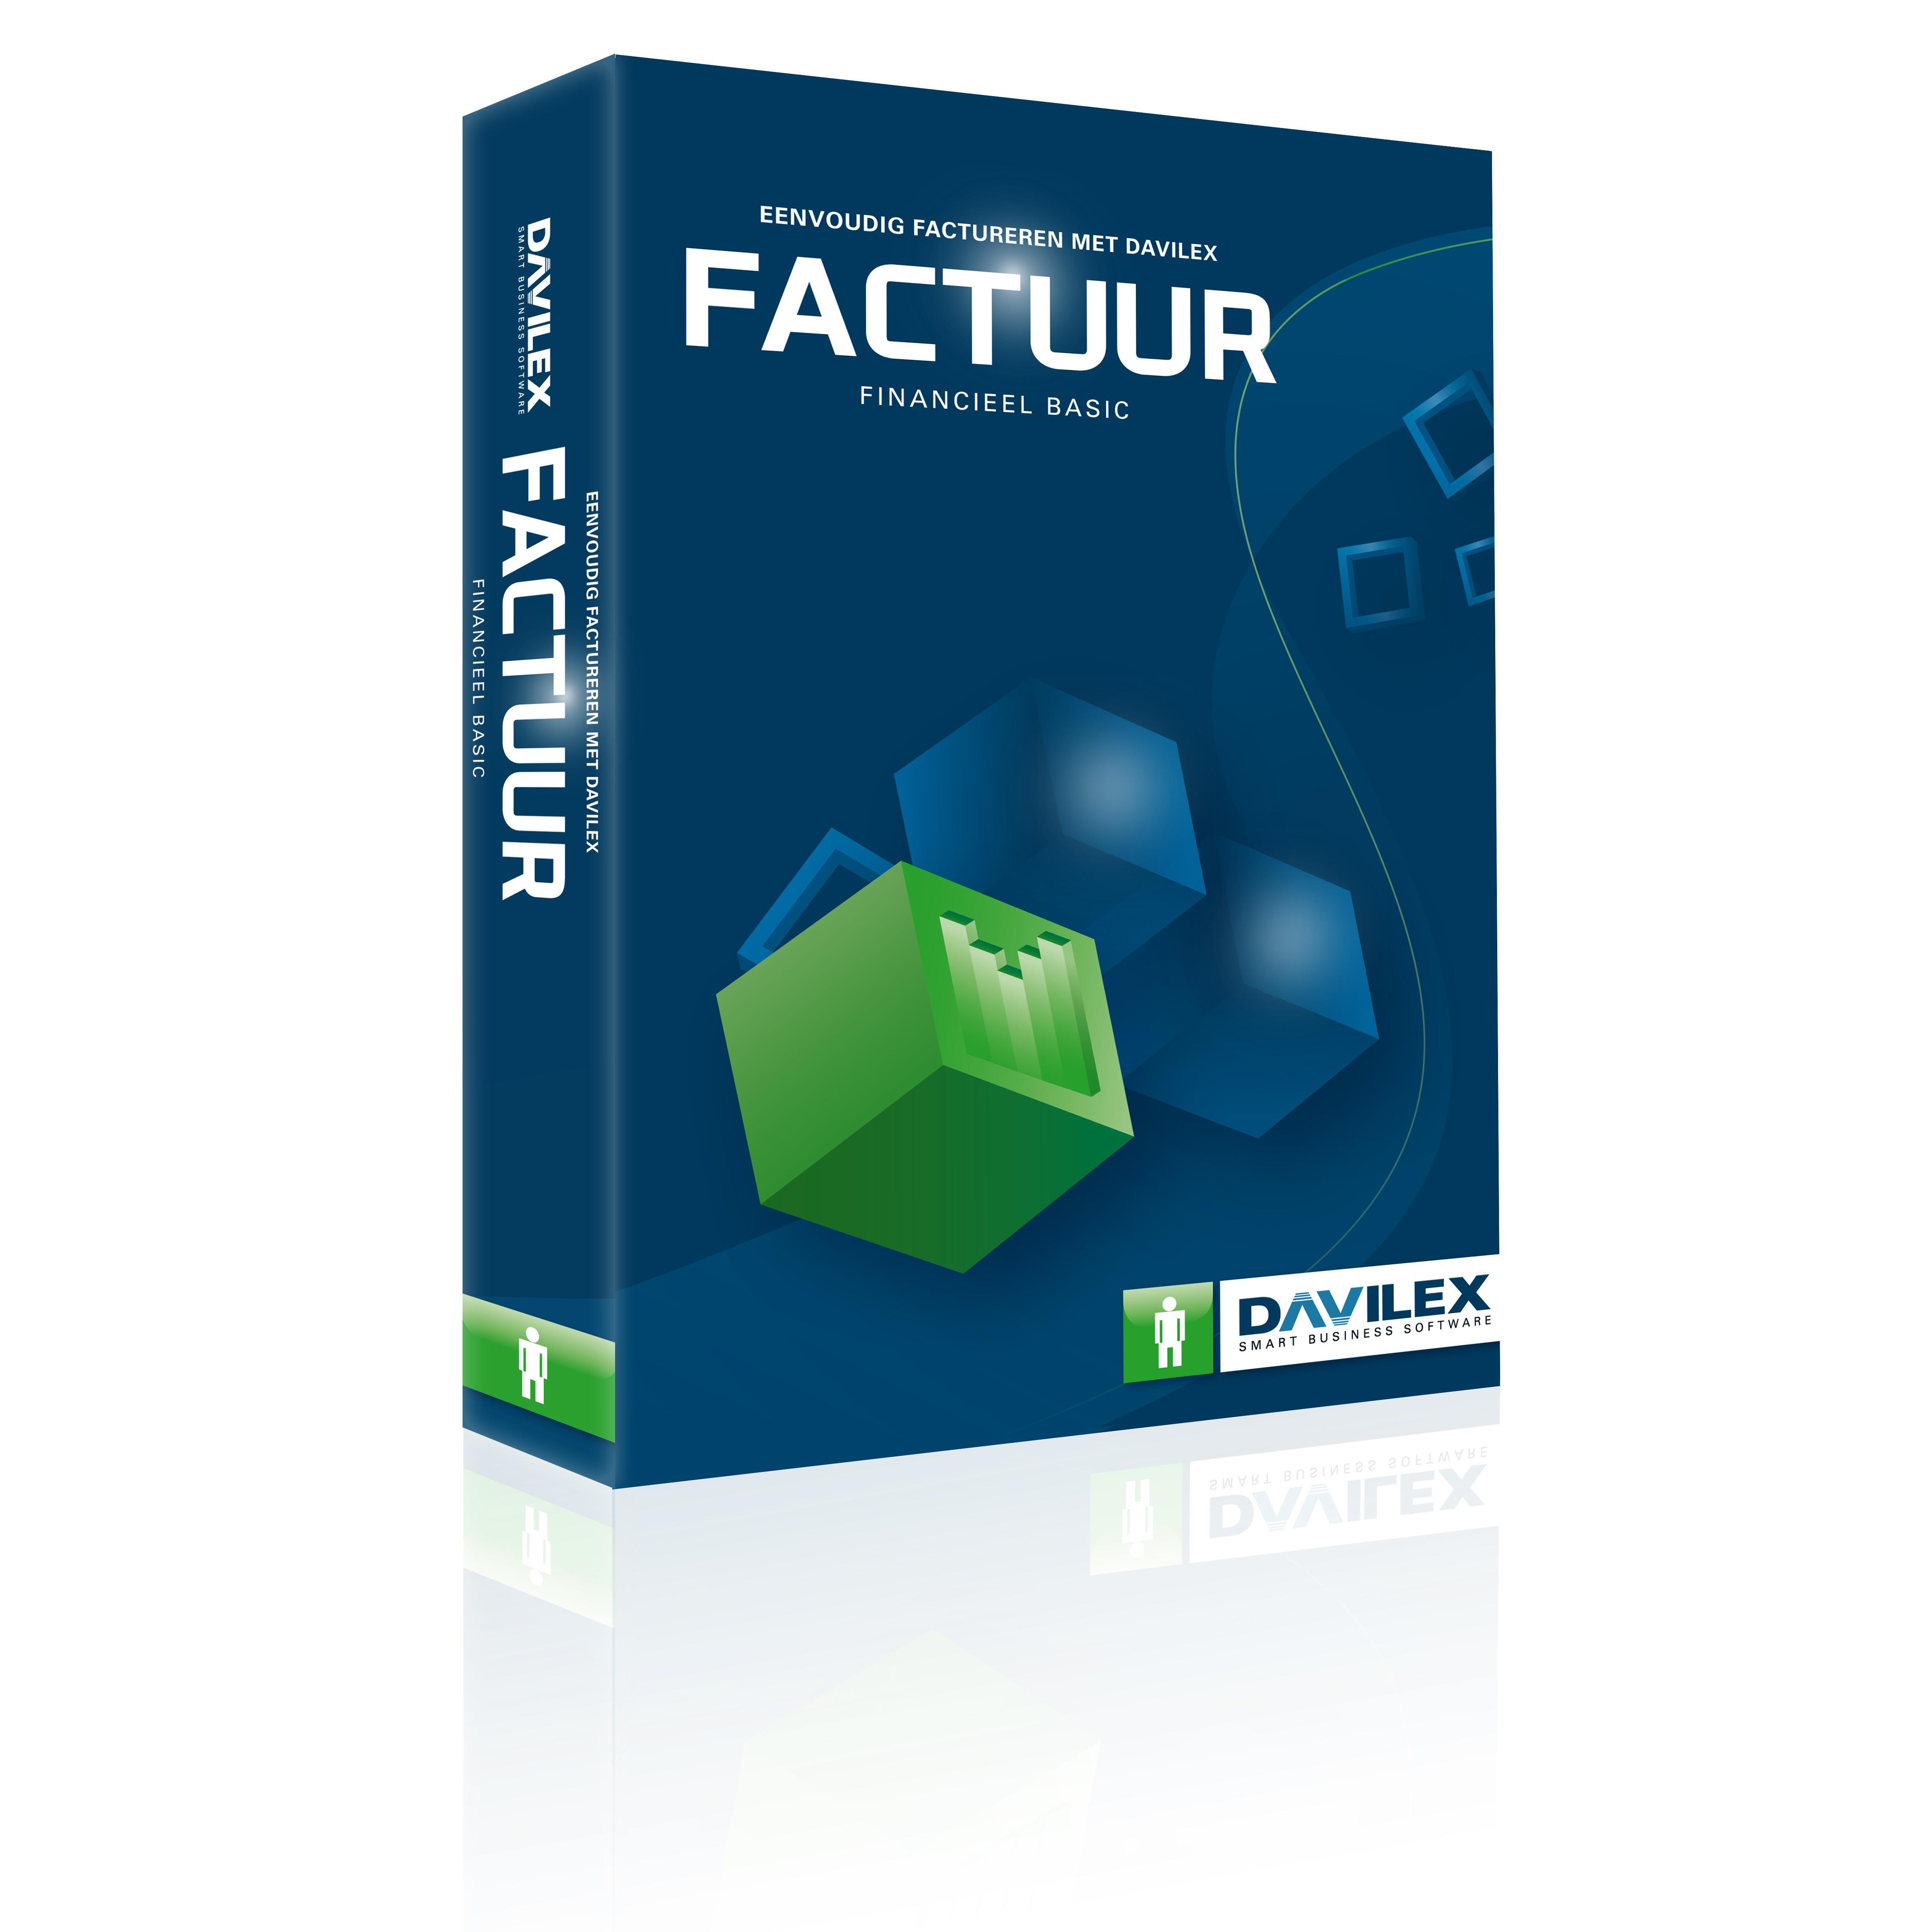 Davilex boekhoudpakket Factuur Basic 87.12823.00504.0 kopen